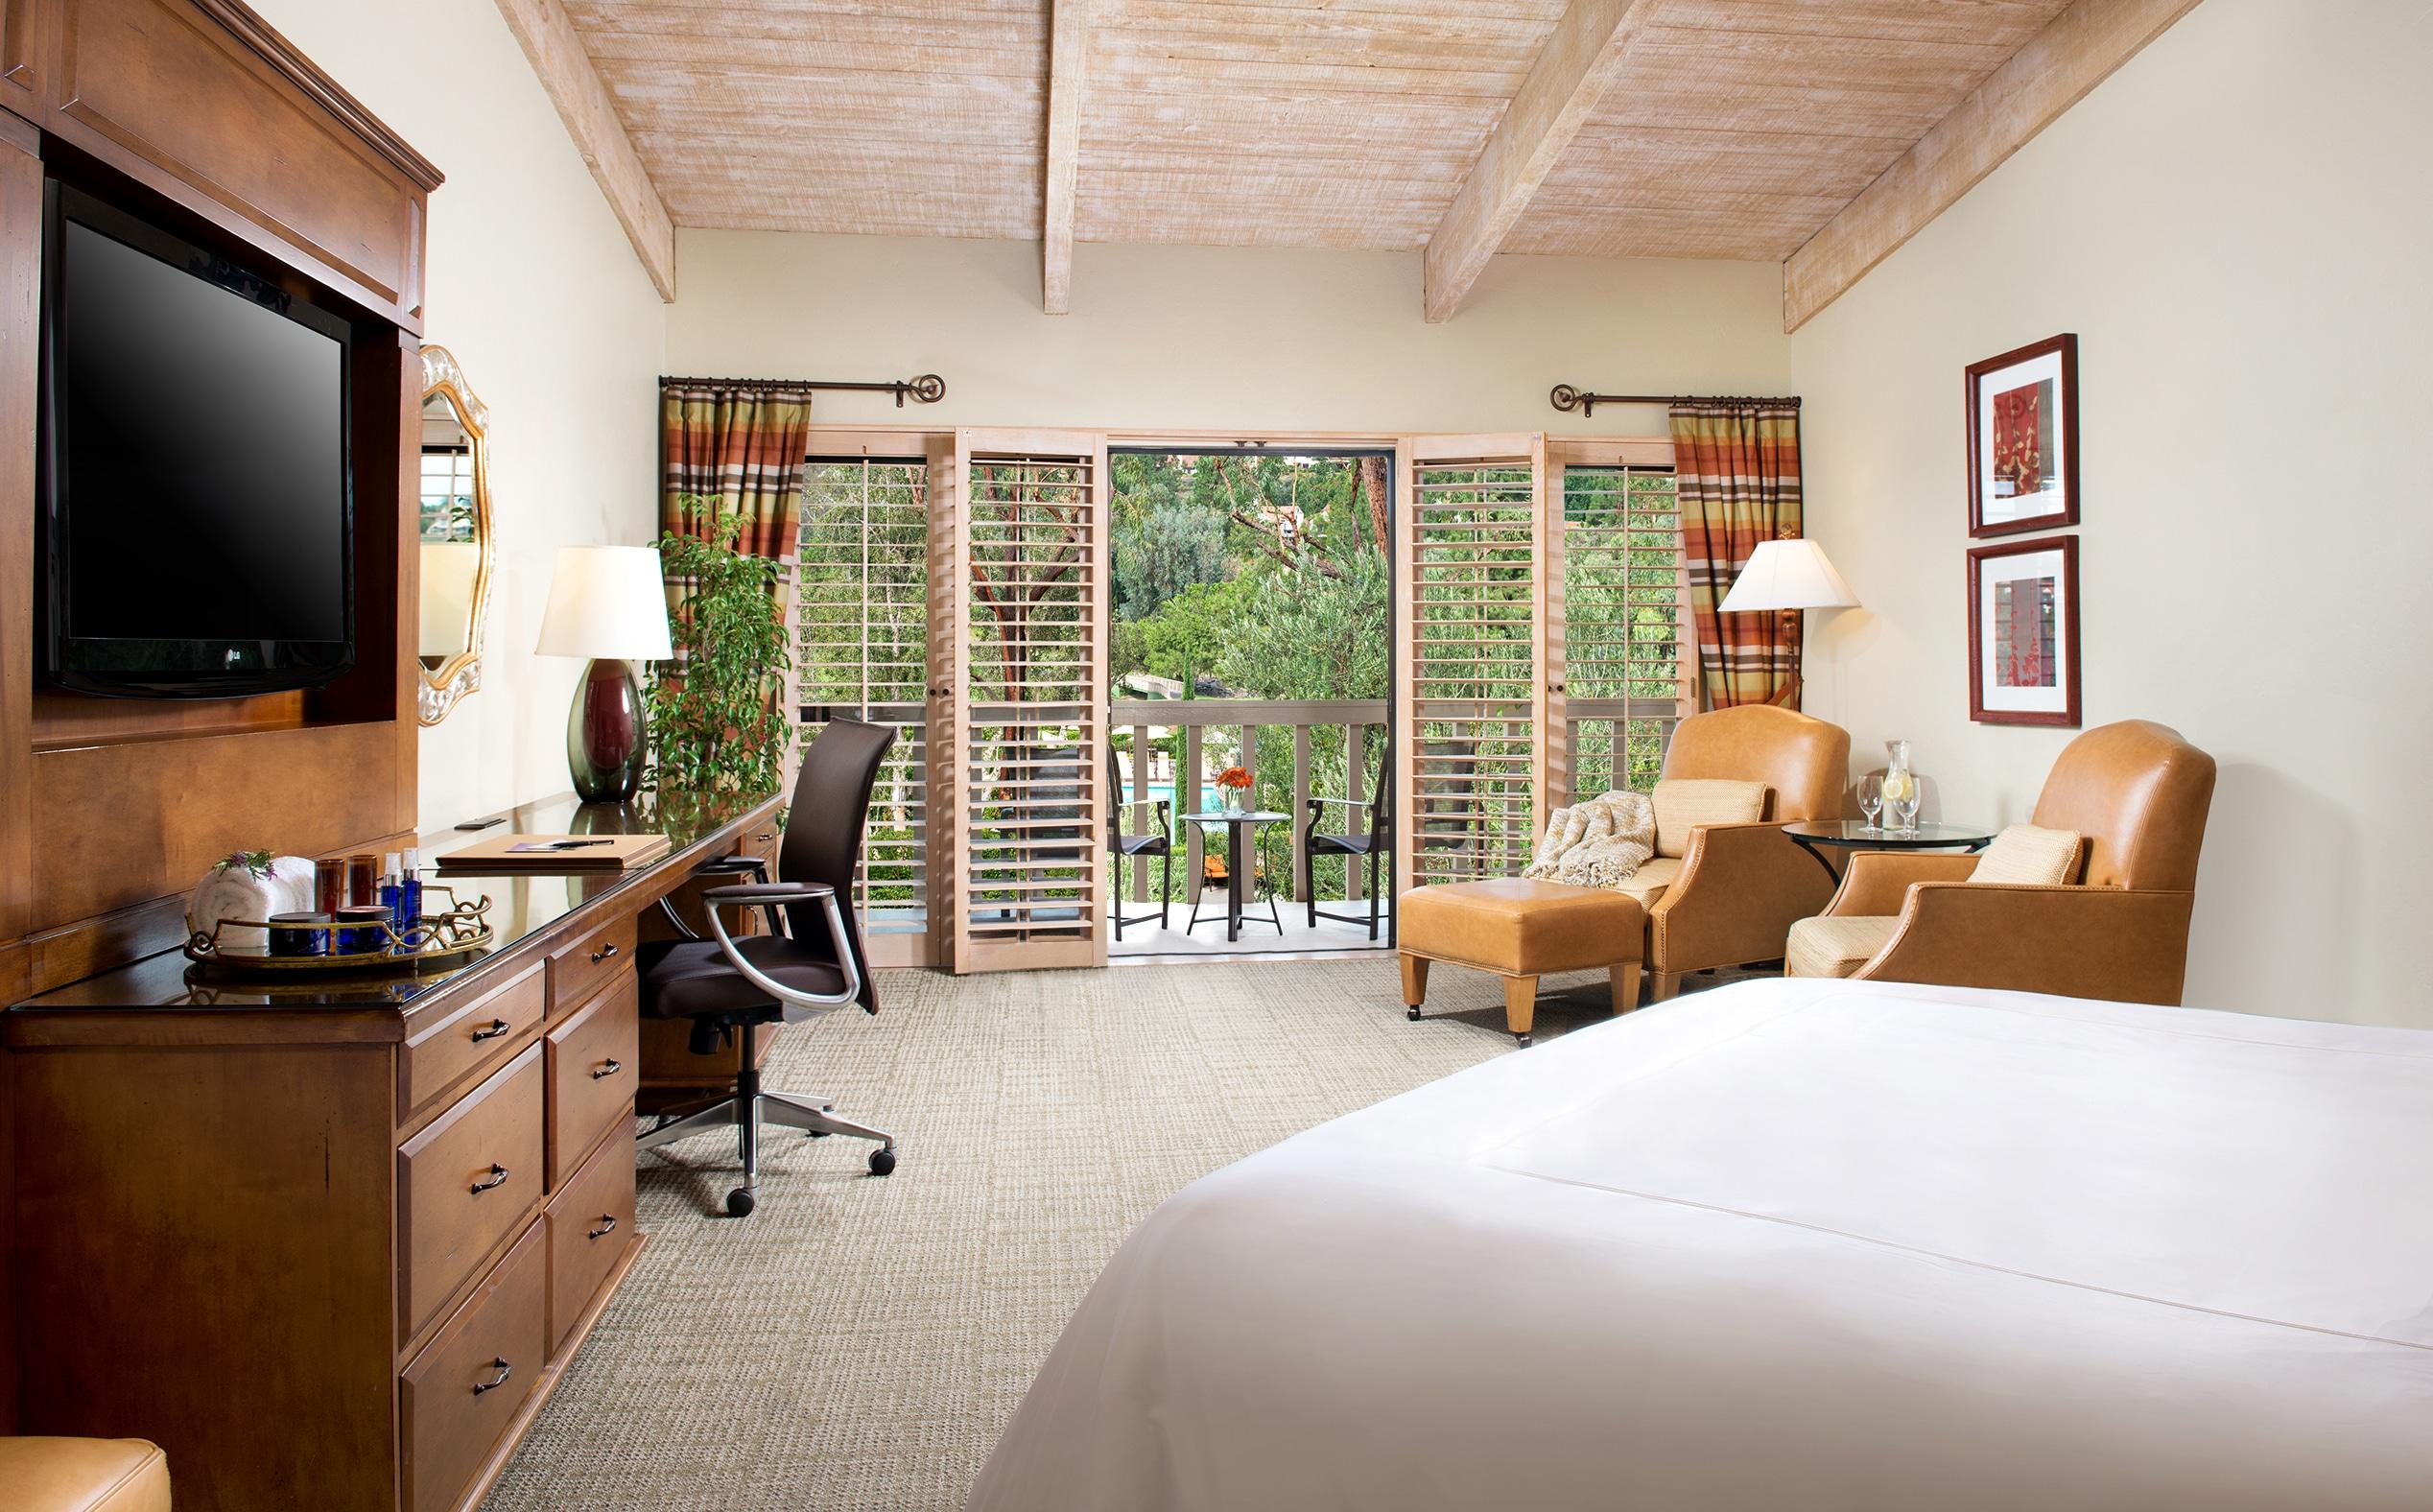 Sereno guest room interior at Rancho Bernardo Inn